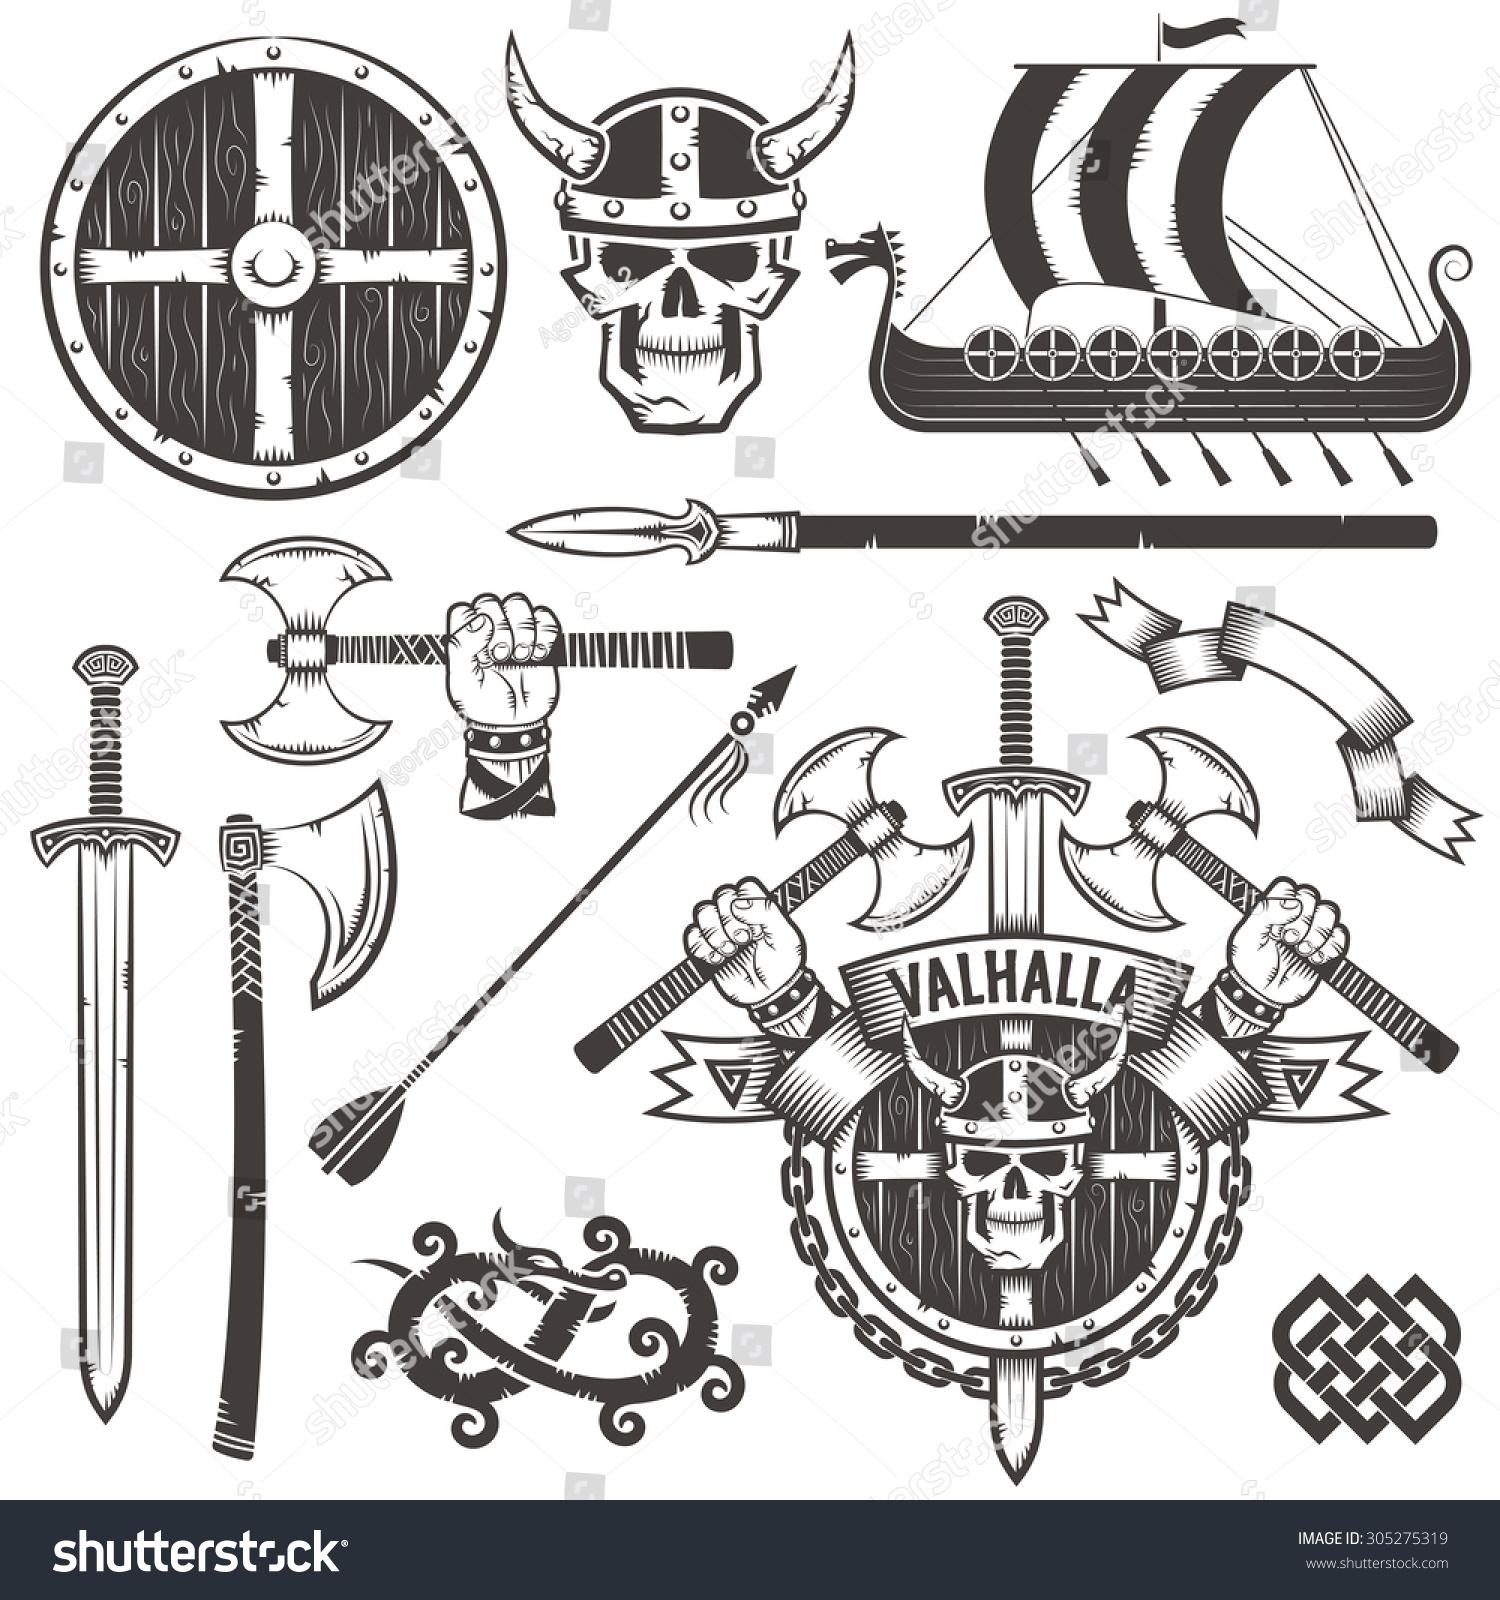 coat arms vikings logo valhalla emblem stock vector 305275319 shutterstock. Black Bedroom Furniture Sets. Home Design Ideas